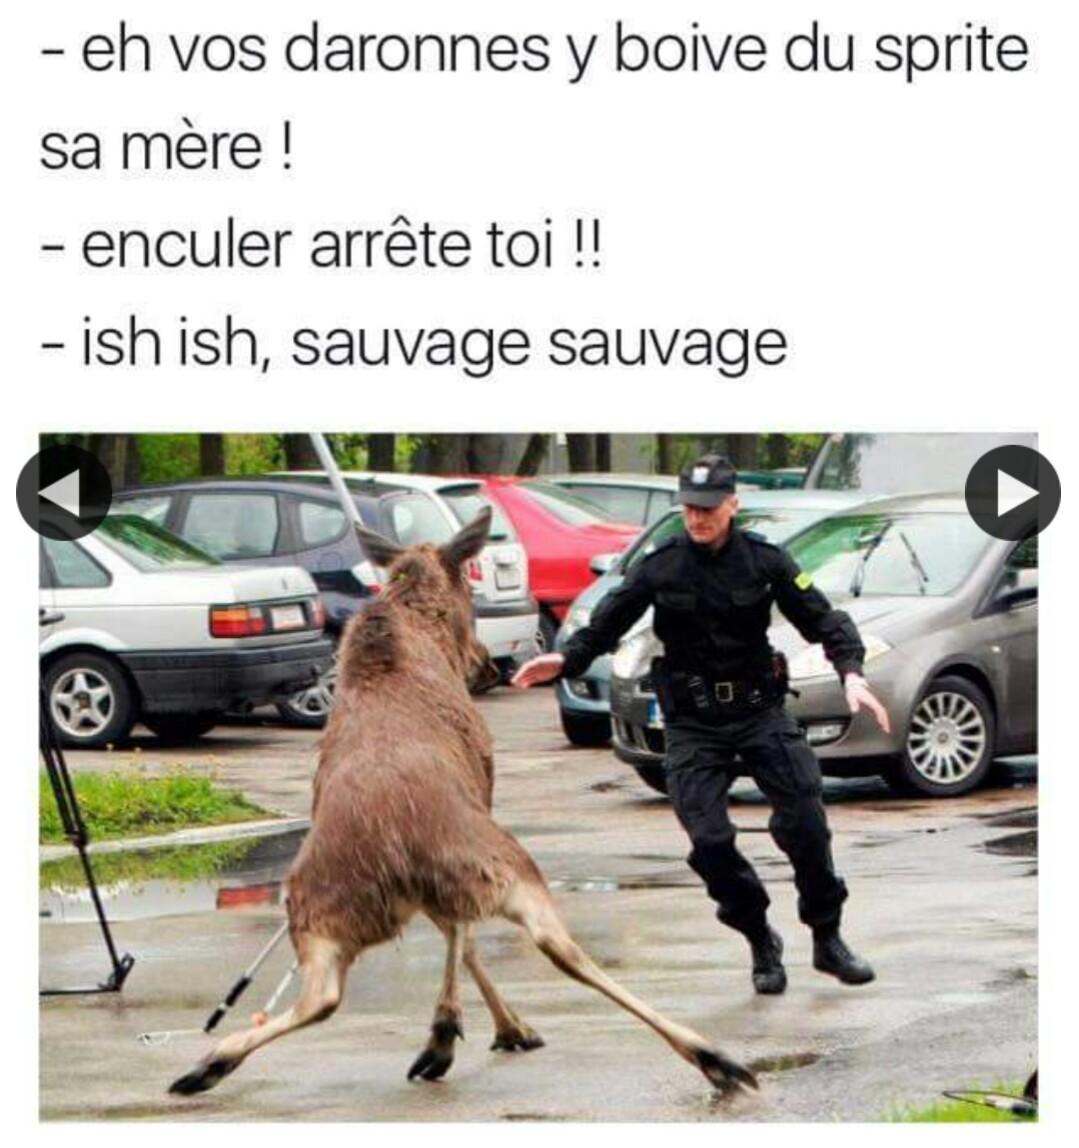 243 comme Yannick Bolasie - meme